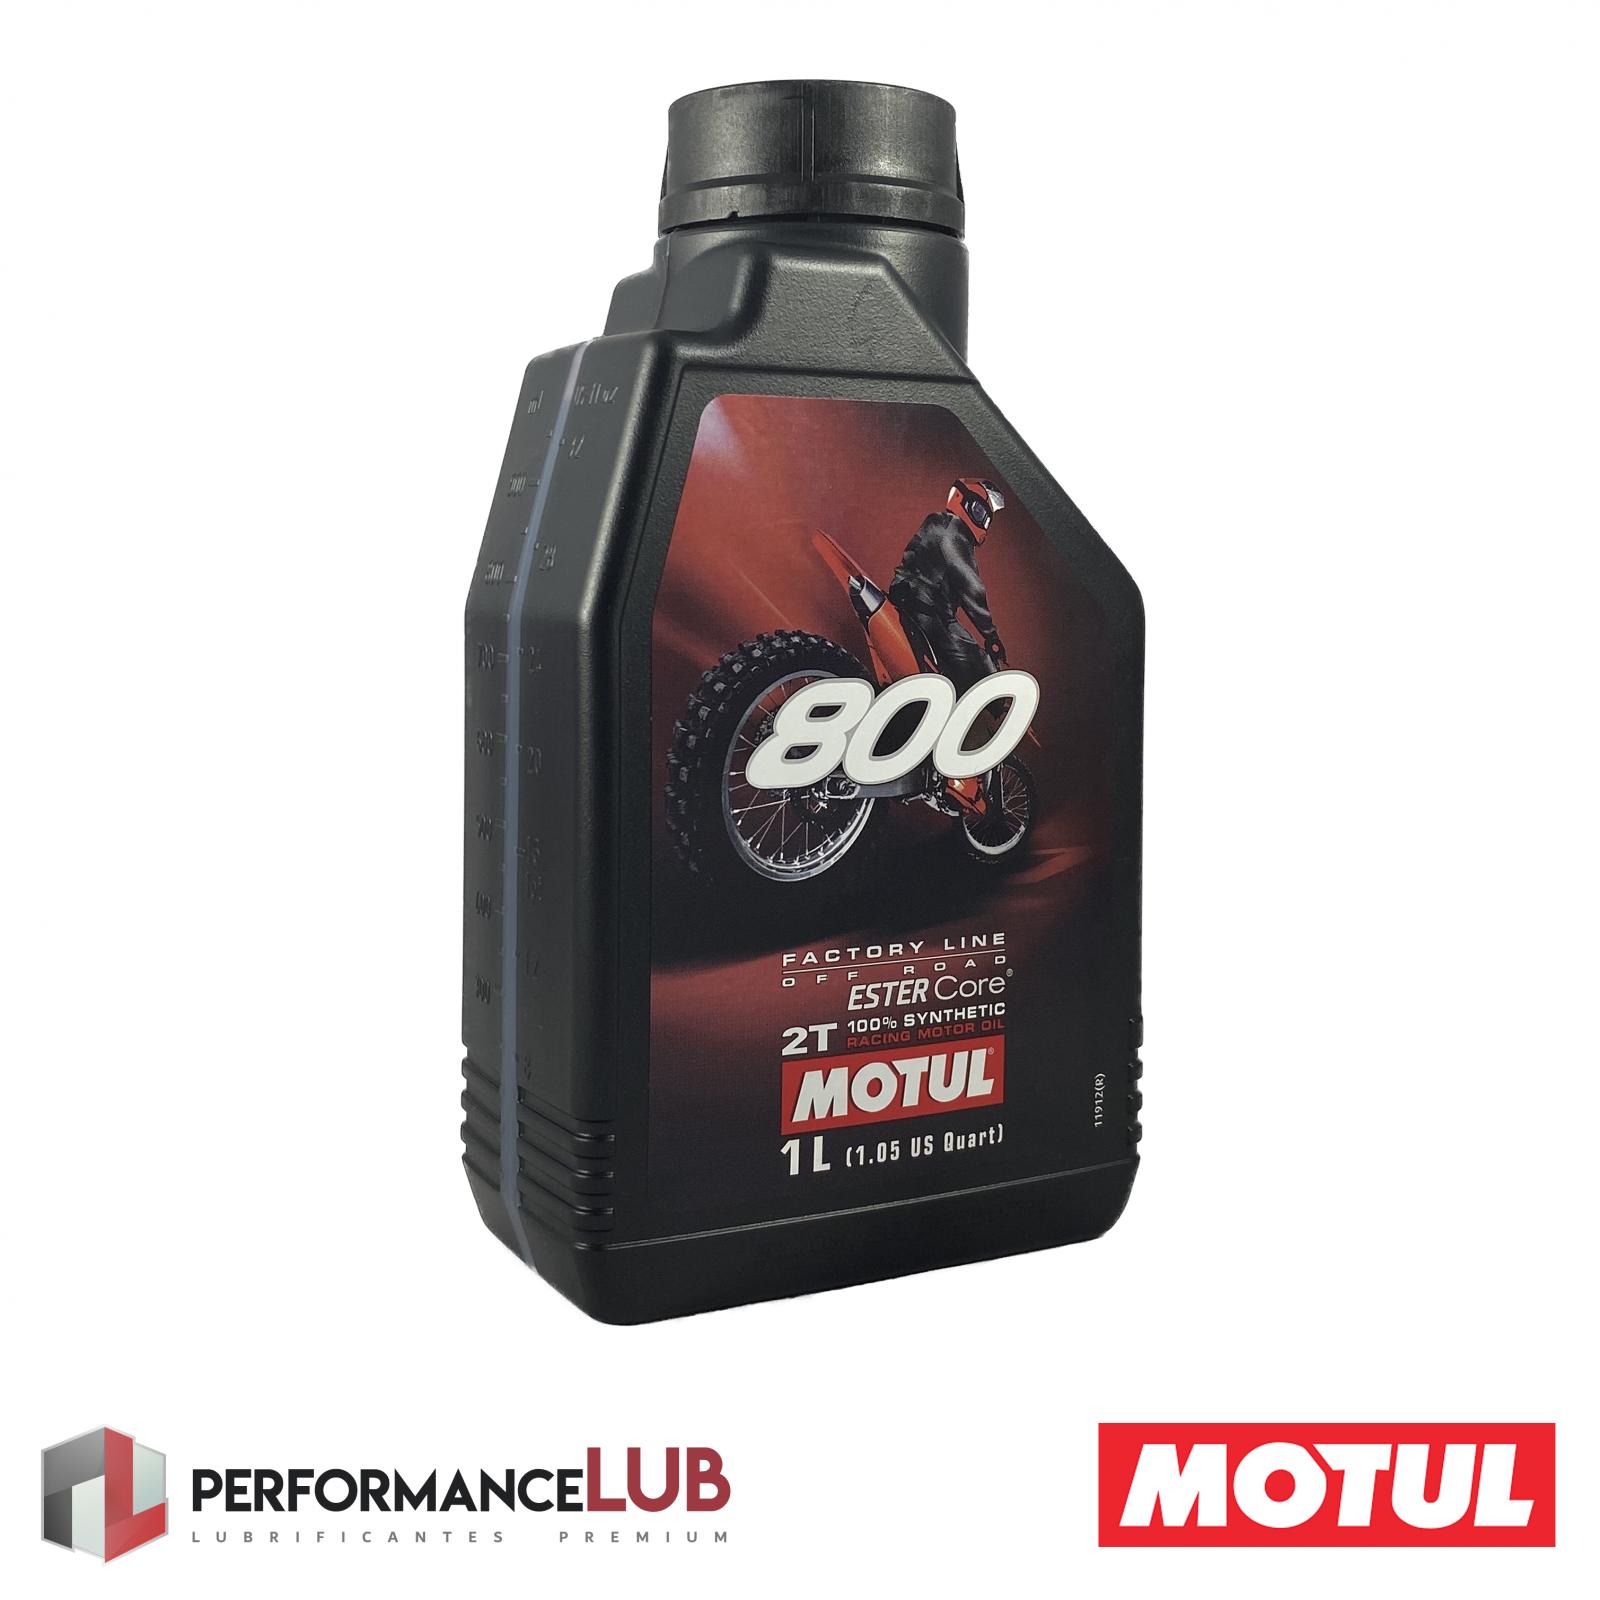 800 2T Factory Line Off Road - 1 litro - PerformanceLUB Lubrificantes Premium